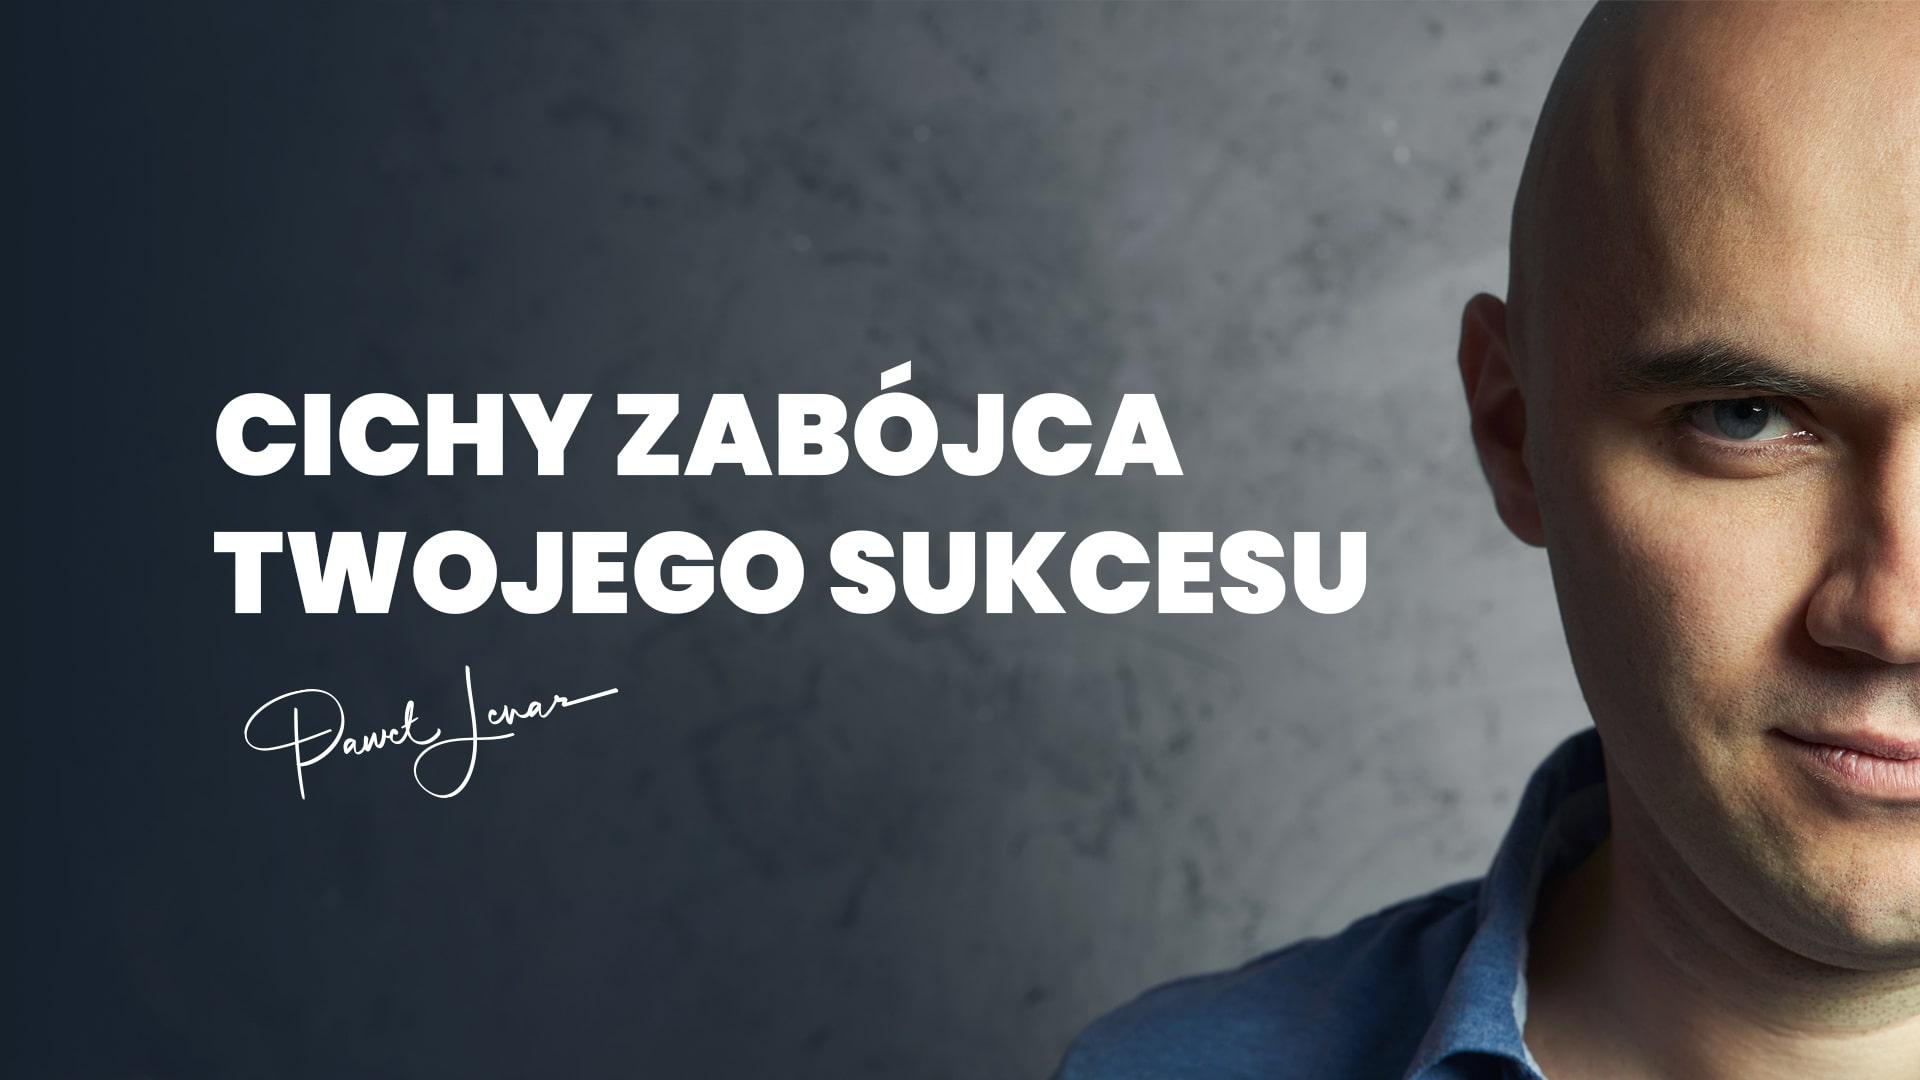 NMS Cichy zabójca Twojego sukcesu blog - Paweł Lenar Blog